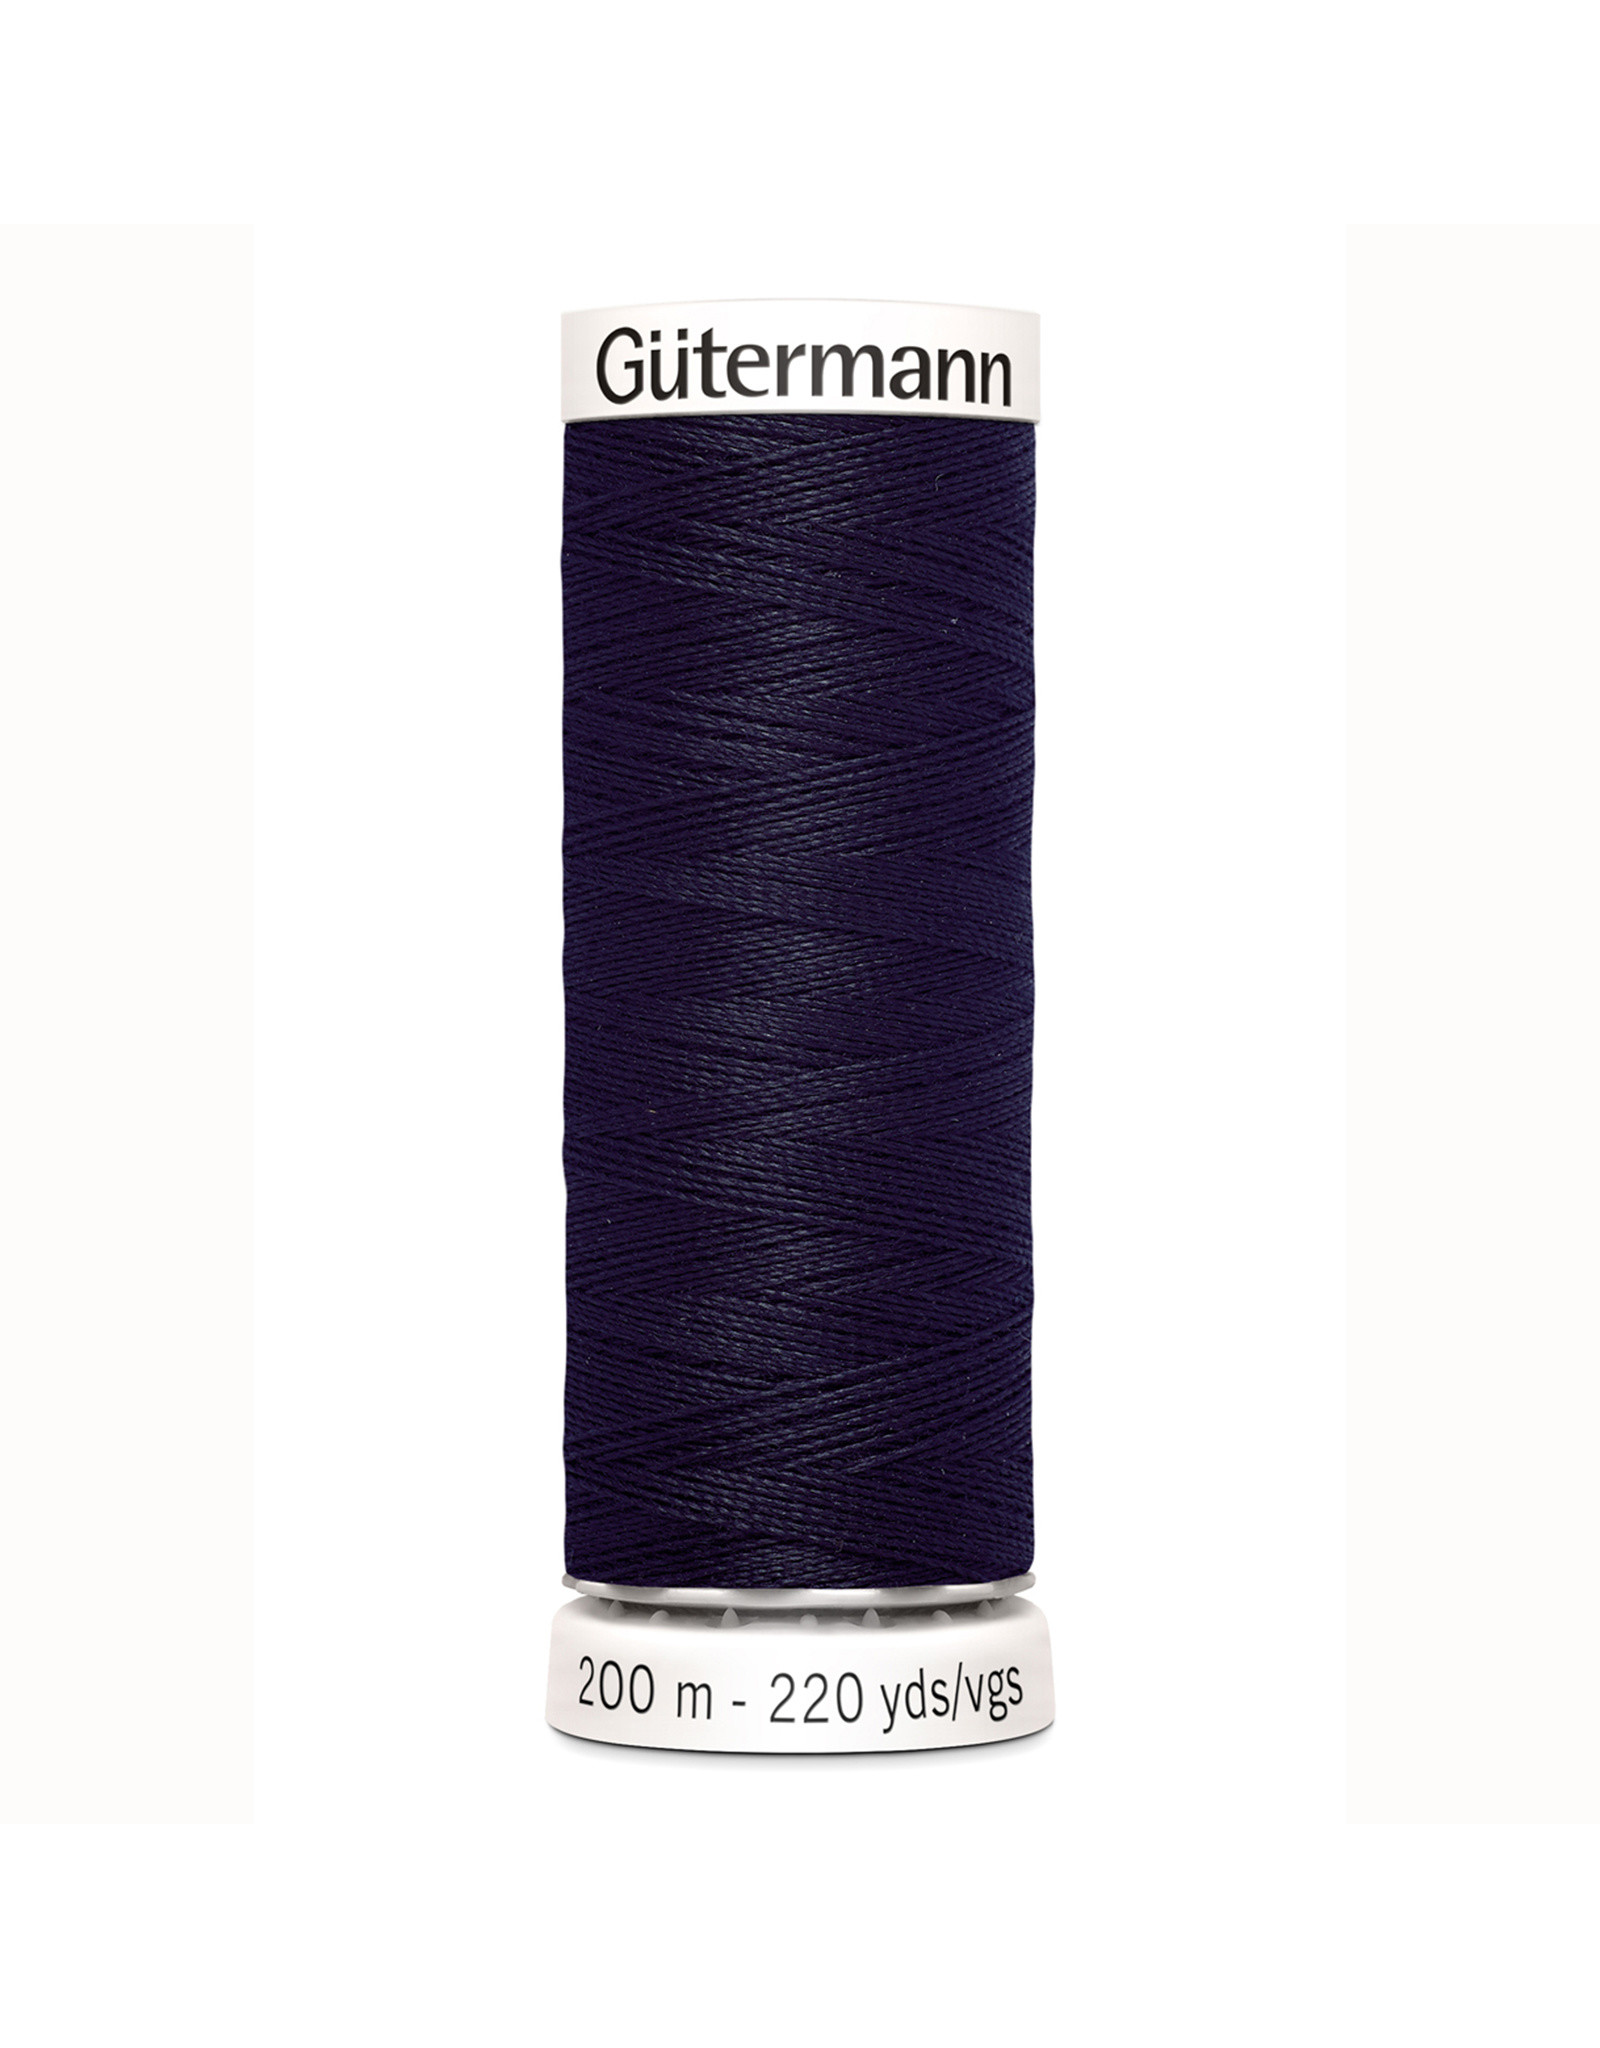 Gütermann Gütermann Nähgarn 200 m - nr 665